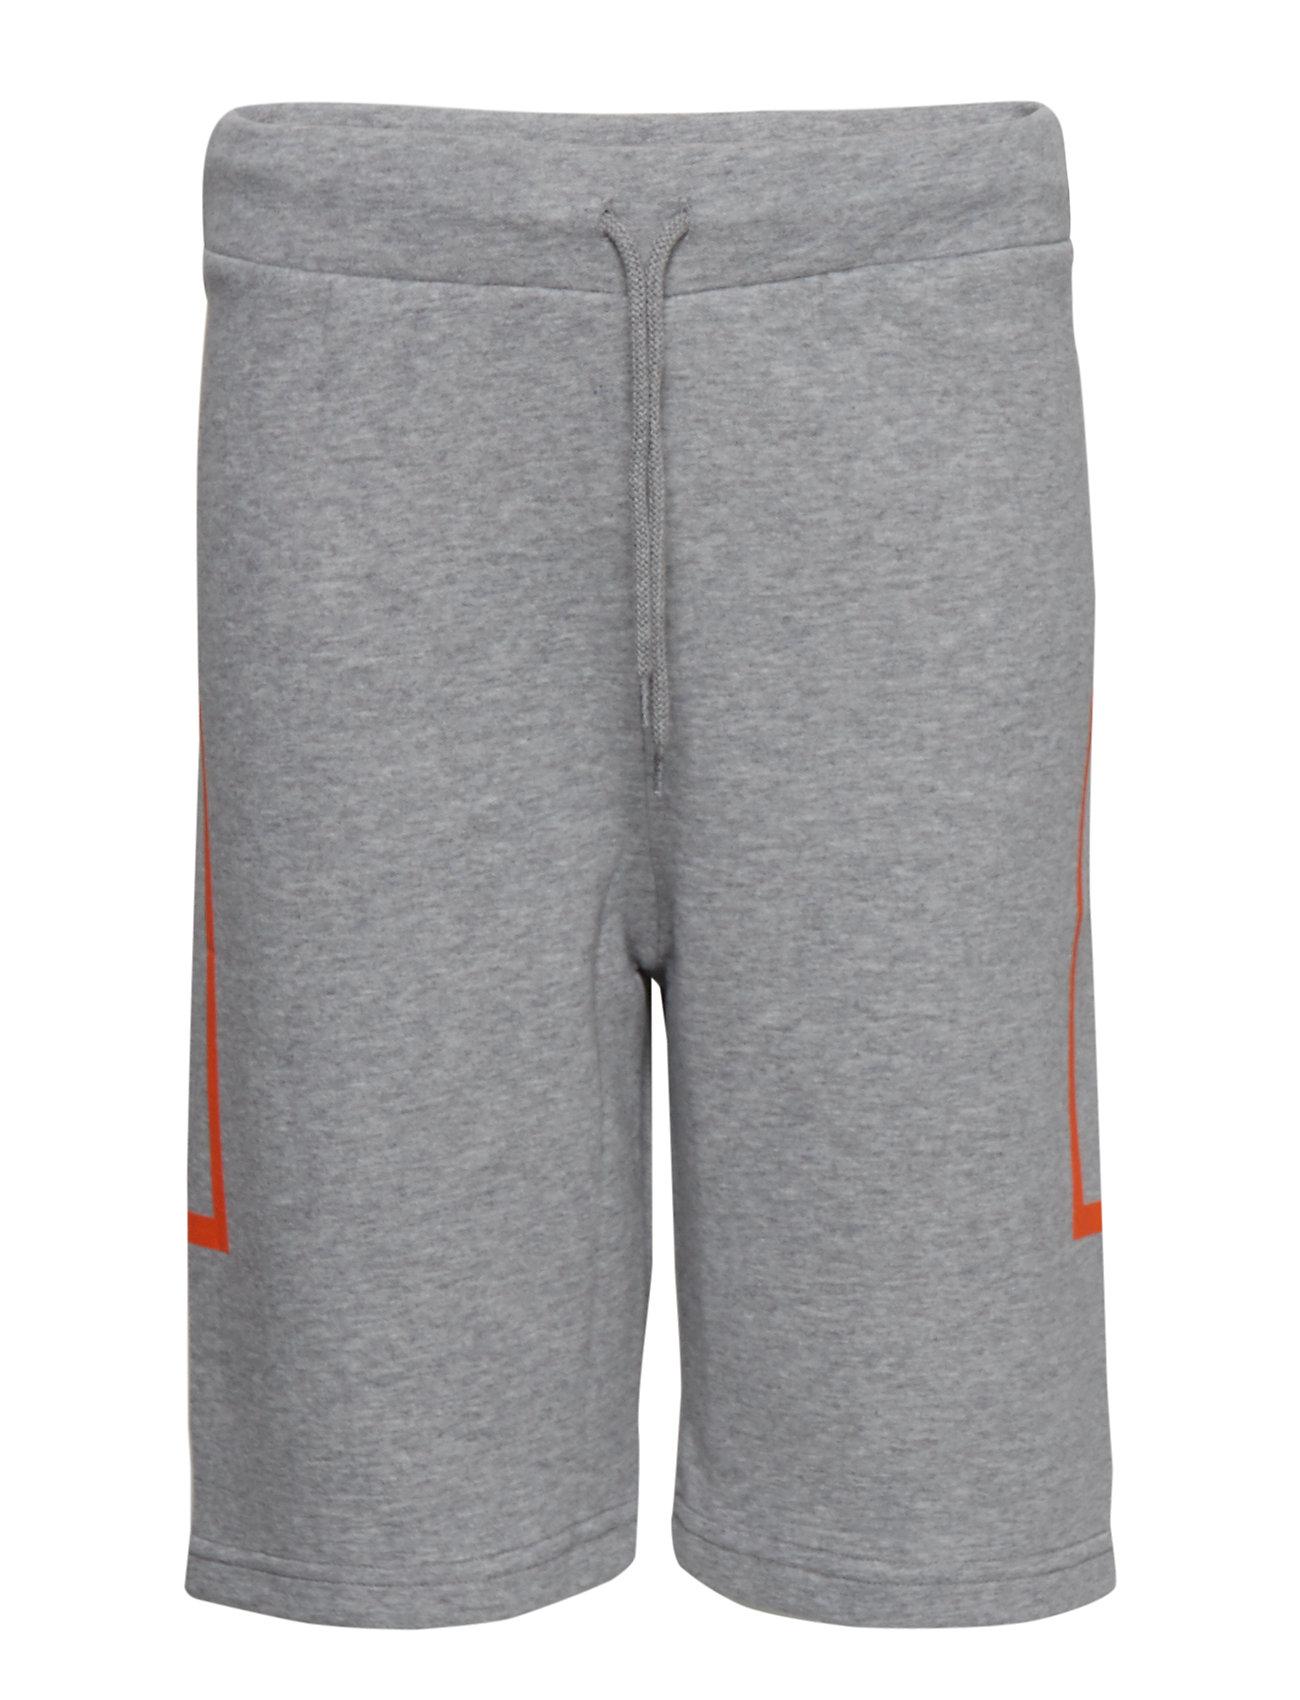 Unauthorized Emilian Shorts - GREY MELANGE